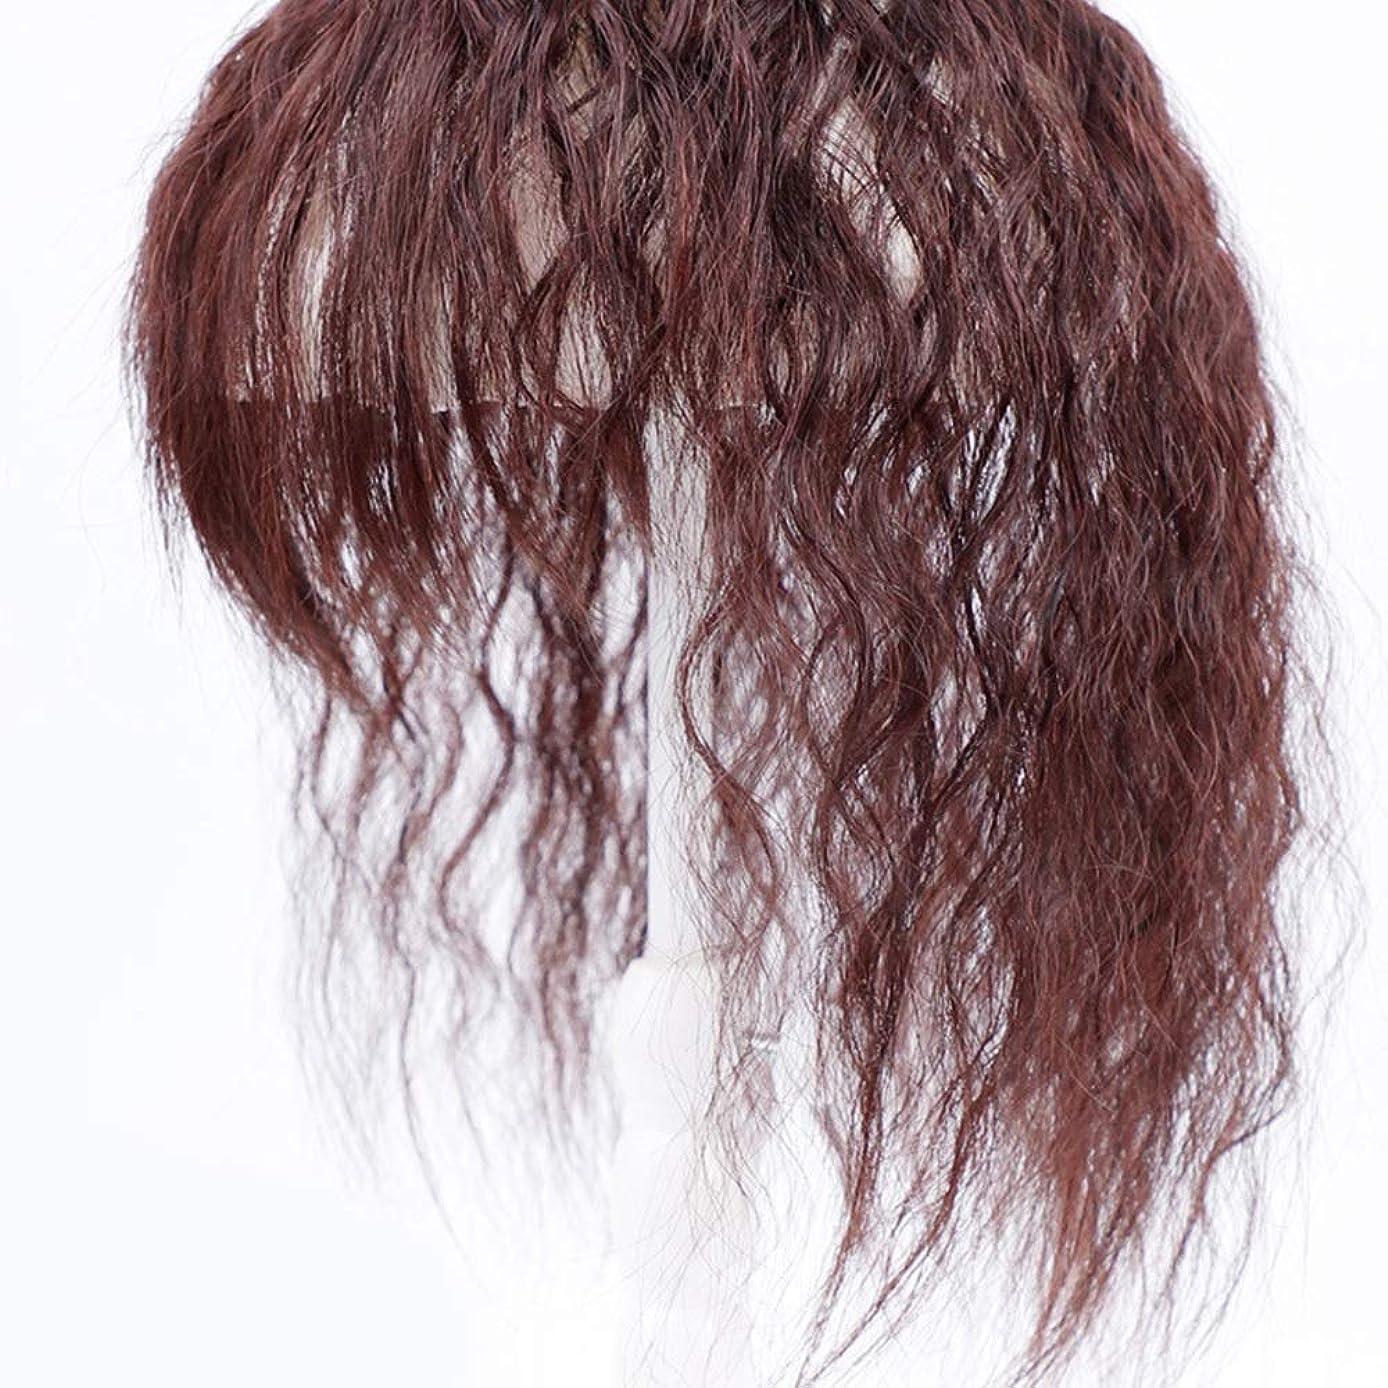 とにかく別れる建物かつら ヘアエクステンションダークブラウンウィッグパーティーかつらで女性のクリップのためのコーンの長い巻き毛 (色 : Dark brown, サイズ : 25cm)